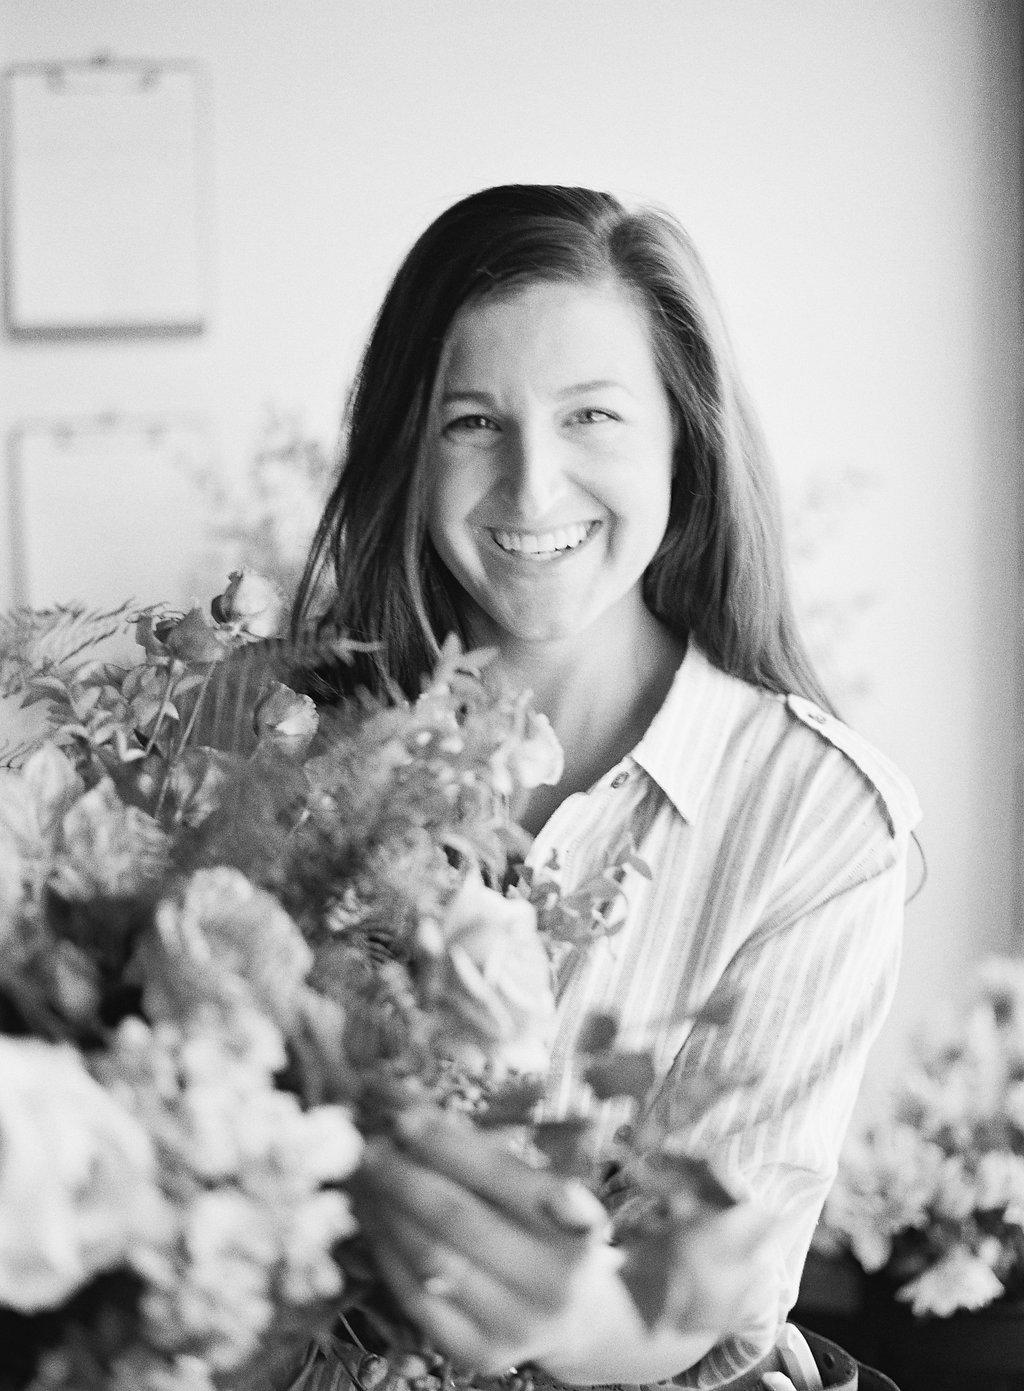 Jessica-Zimmerman-Events-Expert-Wedding-Industry-Speaker.jpg